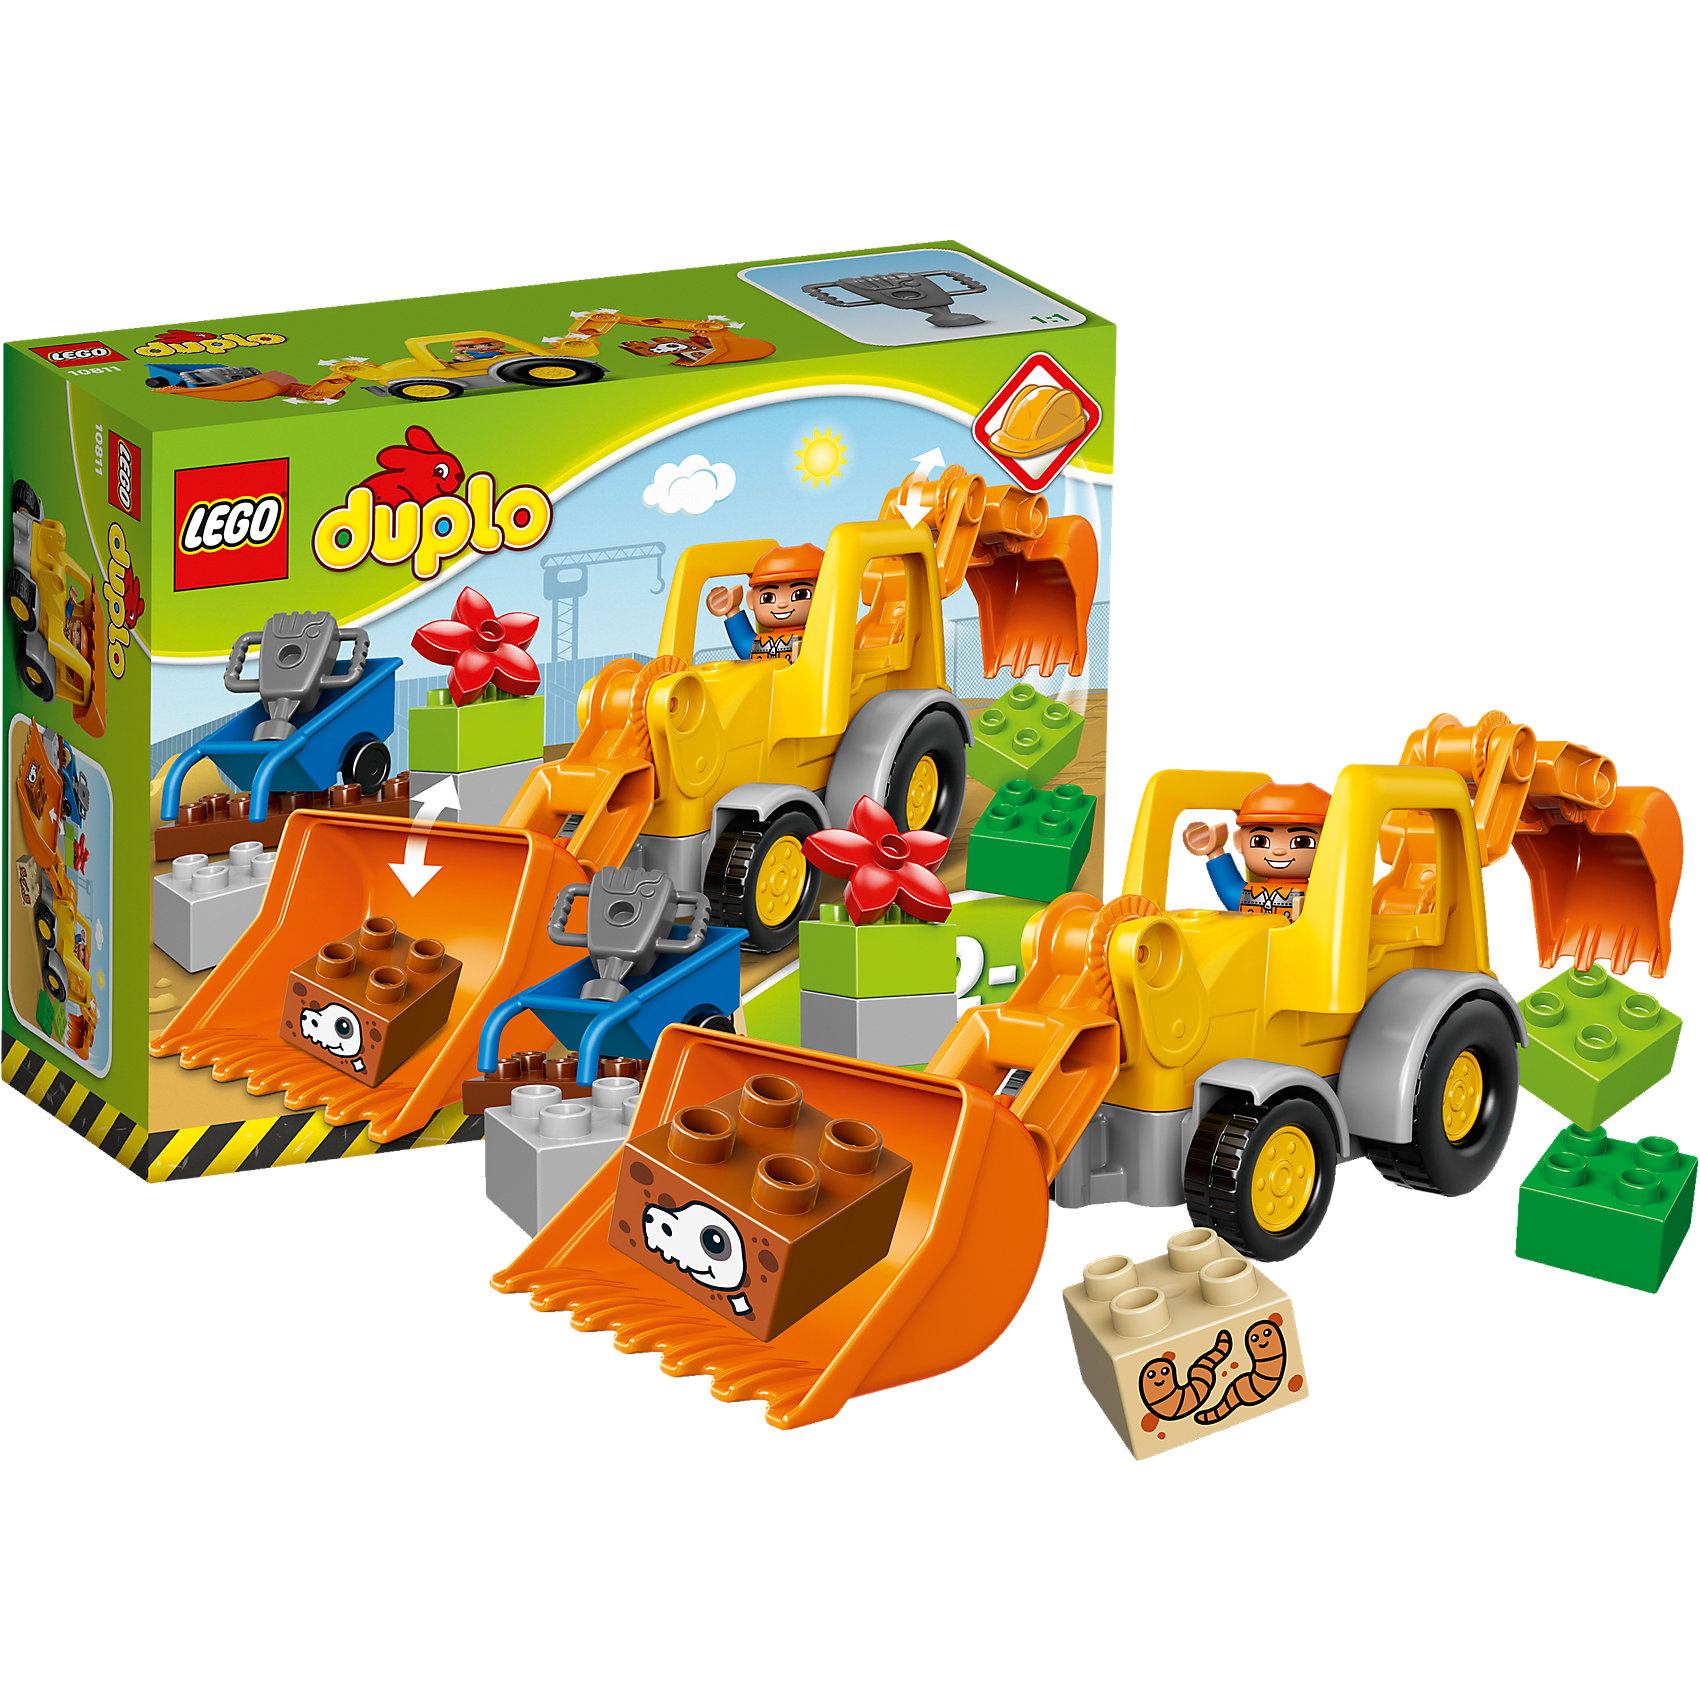 LEGO DUPLO 10811: Экскаватор-погрузчикНаборы LEGO DUPLO созданы специально для малышей. Разнообразную технику и  конструкторы обожает множество современных мальчишек, поэтому этот набор LEGO DUPLO обязательно порадует ребенка. Такие игрушки помогают детям развивать воображение, мелкую моторику, логику и творческое мышление.<br>Набор состоит из экскаватора-погрузчика, крупных деталей, фигурки человека! С таким комплектом можно придумать множество игр!<br><br>Дополнительная информация:<br><br>цвет: разноцветный;<br>размер коробки: 26 х 9 х 19 см;<br>вес: 389 г;<br>материал: пластик;<br>количество деталей: 19.<br><br>Набор Экскаватор-погрузчик от бренда LEGO DUPLO можно купить в нашем магазине.<br><br>Ширина мм: 265<br>Глубина мм: 192<br>Высота мм: 93<br>Вес г: 388<br>Возраст от месяцев: 24<br>Возраст до месяцев: 60<br>Пол: Мужской<br>Возраст: Детский<br>SKU: 4641258